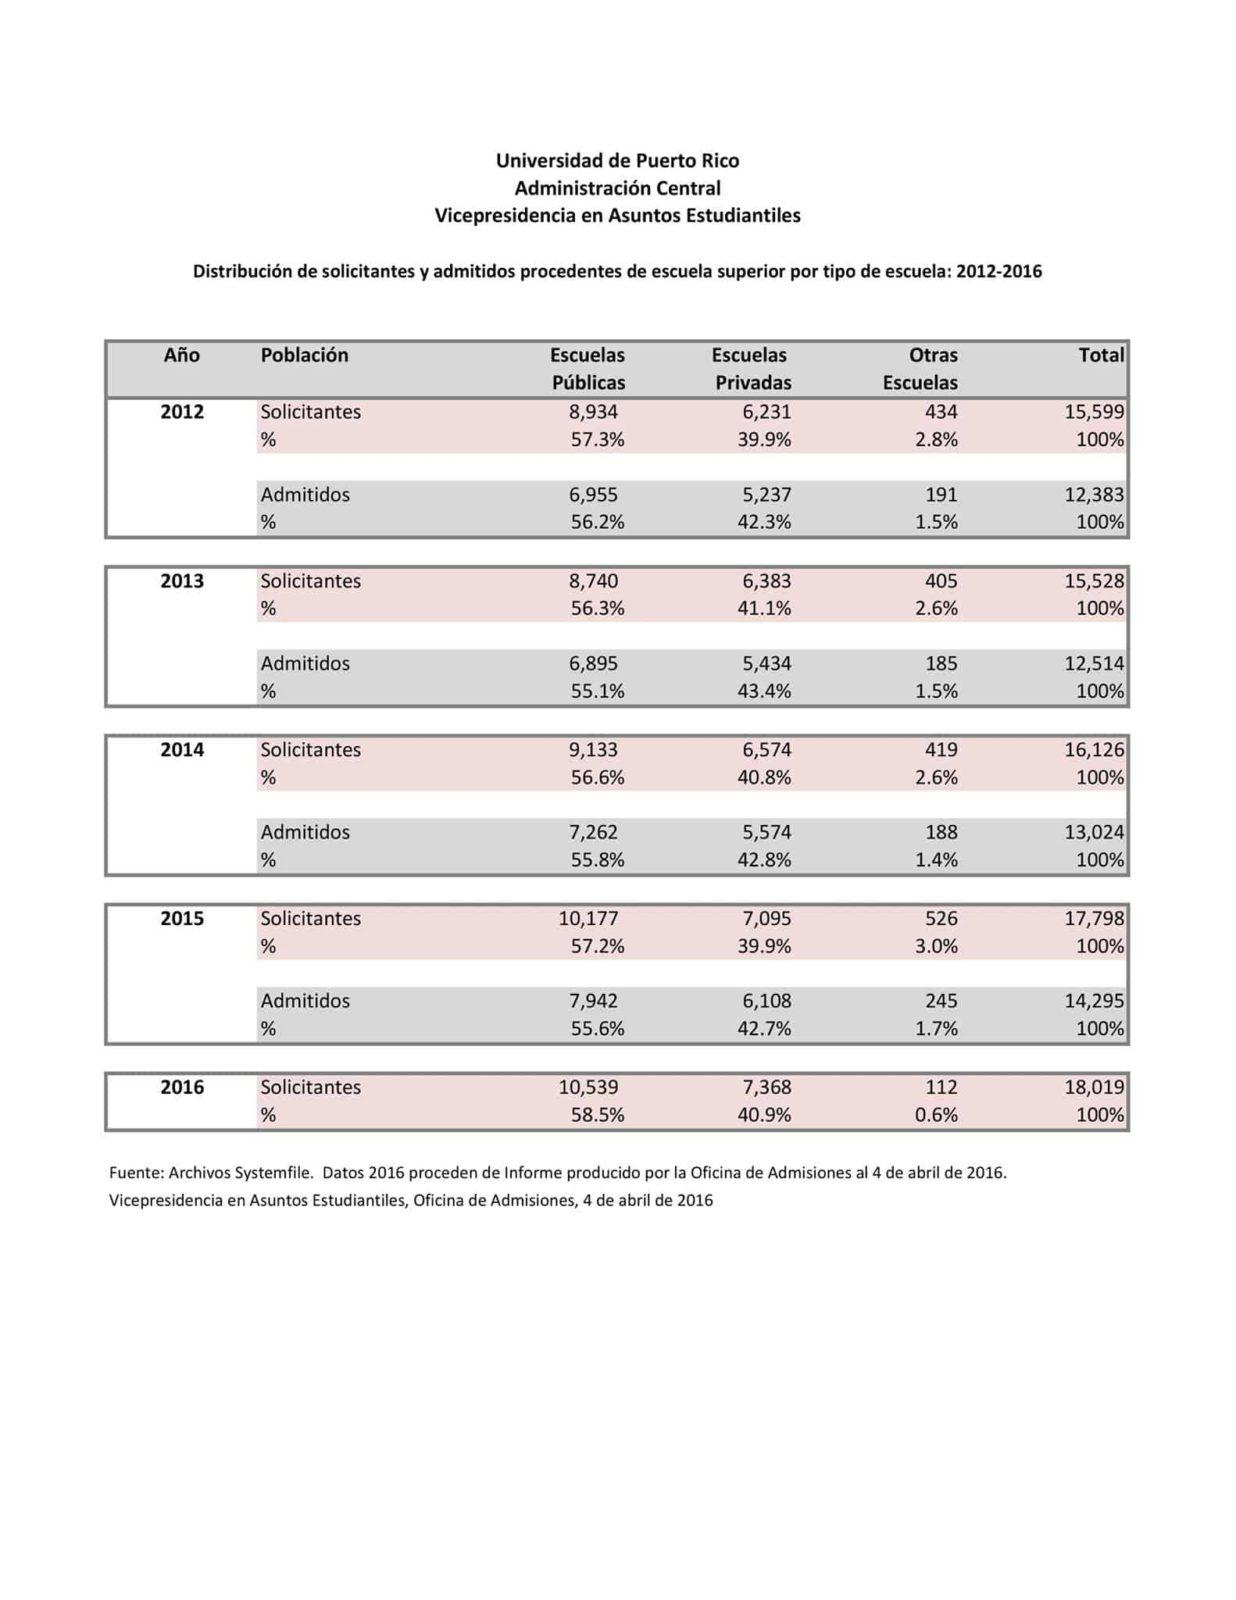 Distribución de solicitantes y admitidos procedentes de escuela superior 2012-2016 (hasta el 4 de abril).